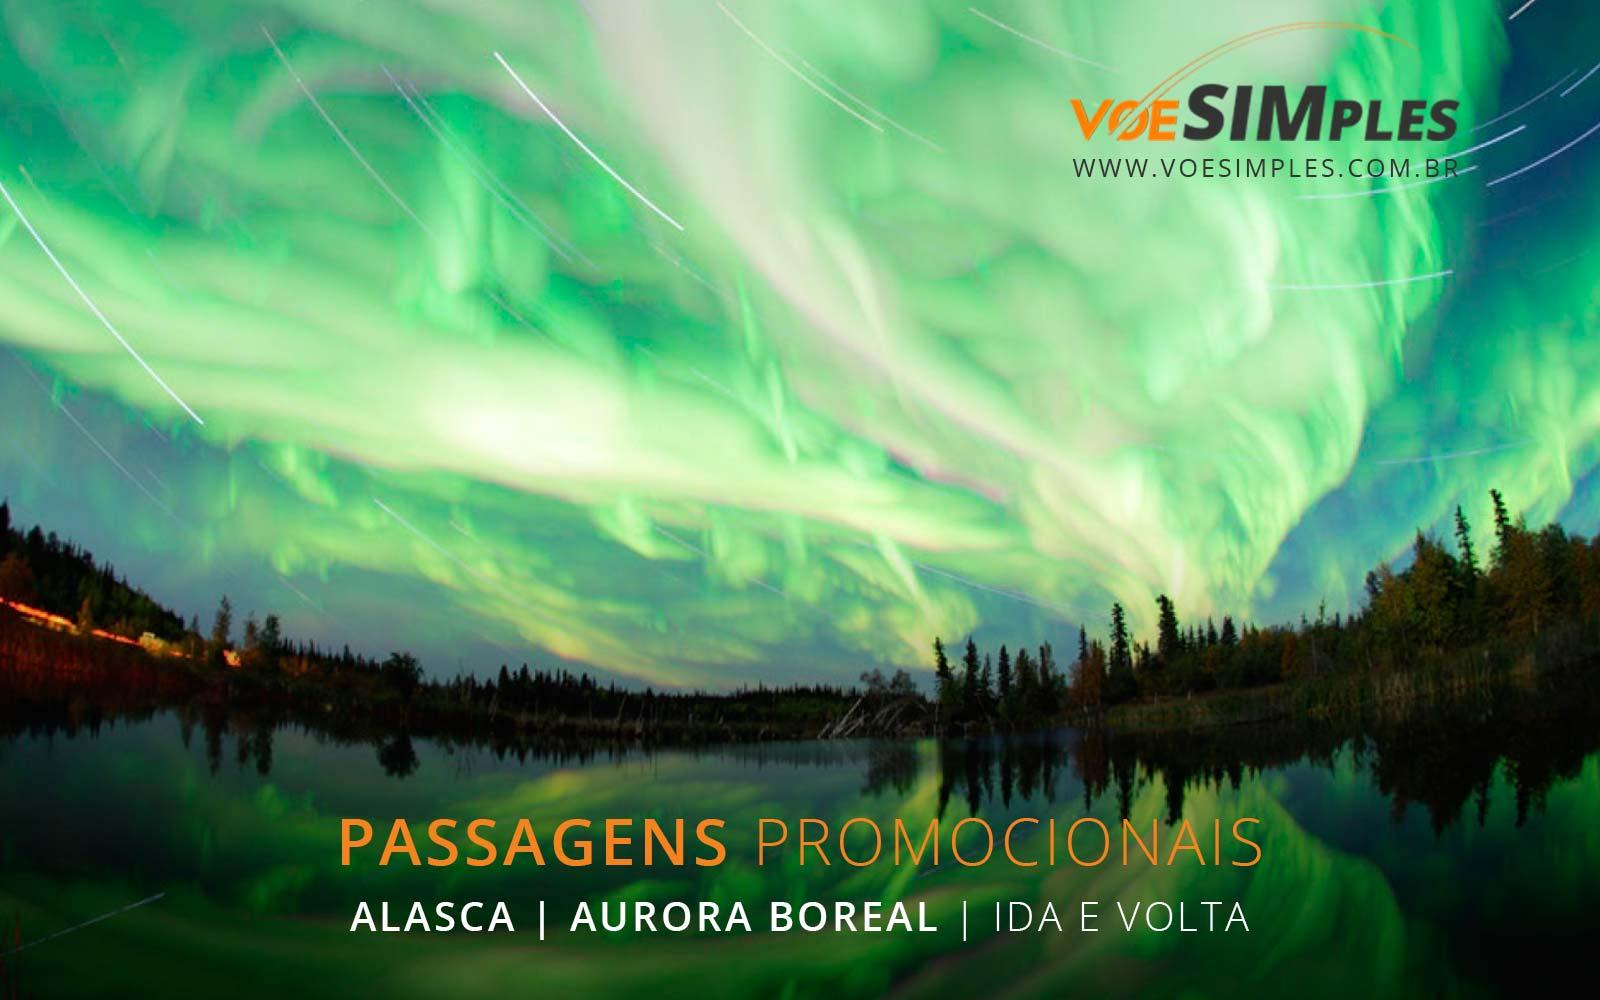 Passagens aéreas baratas para o Alasca